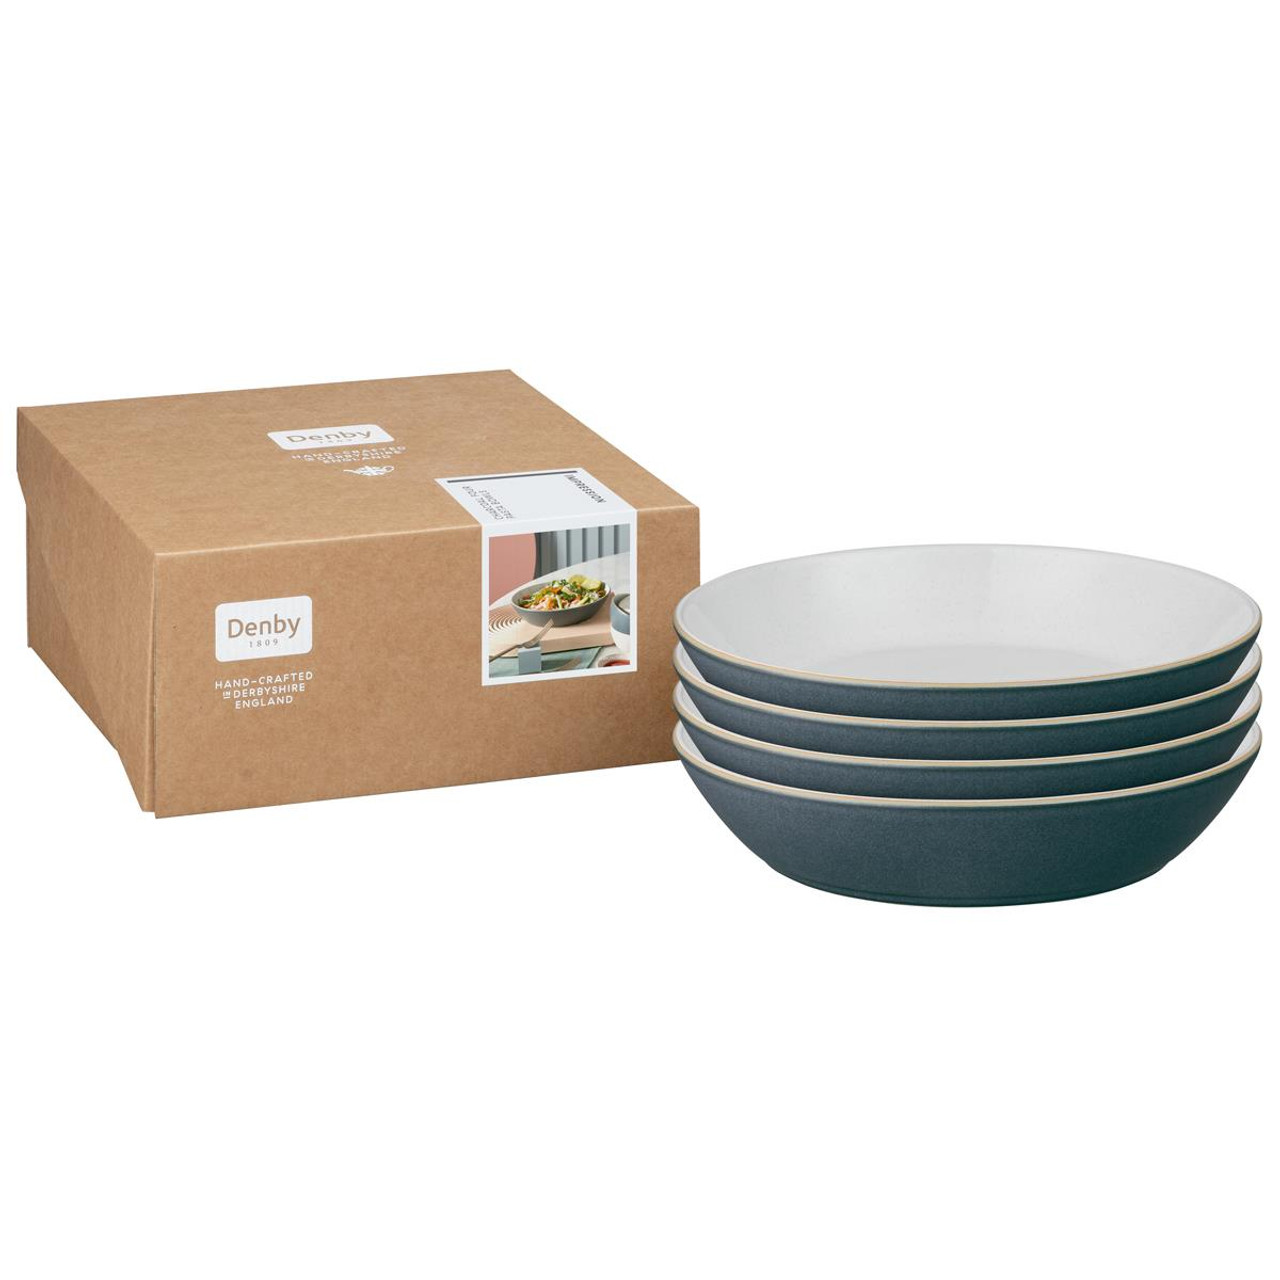 Denby Impression Charcoal Set Of 4 Pasta Bowls